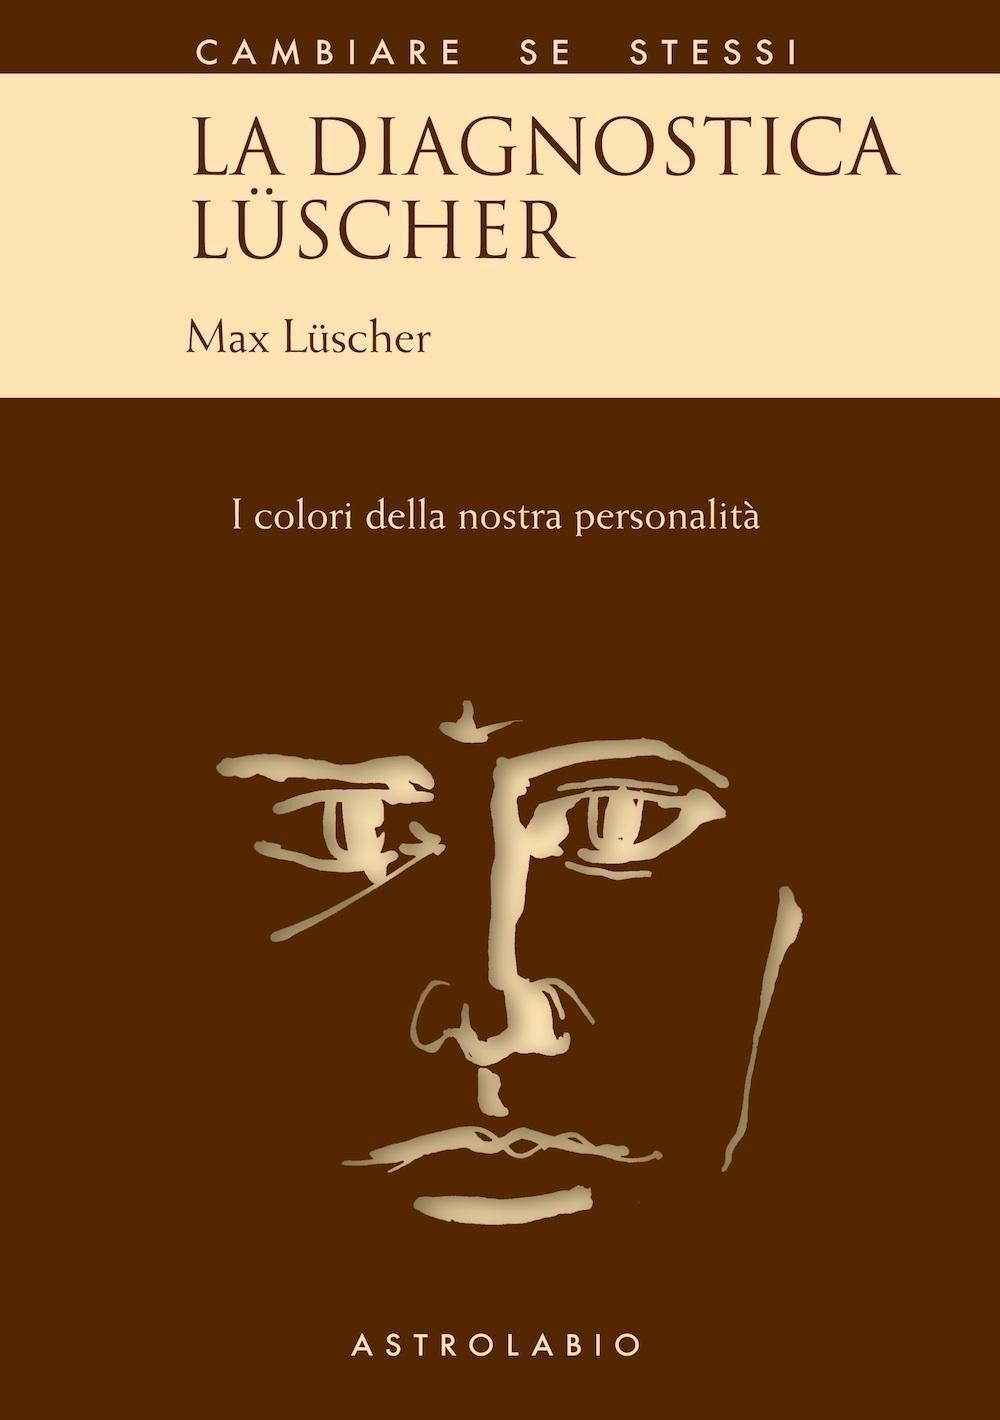 La diagnostica Lüscher. I colori della nostra personalità